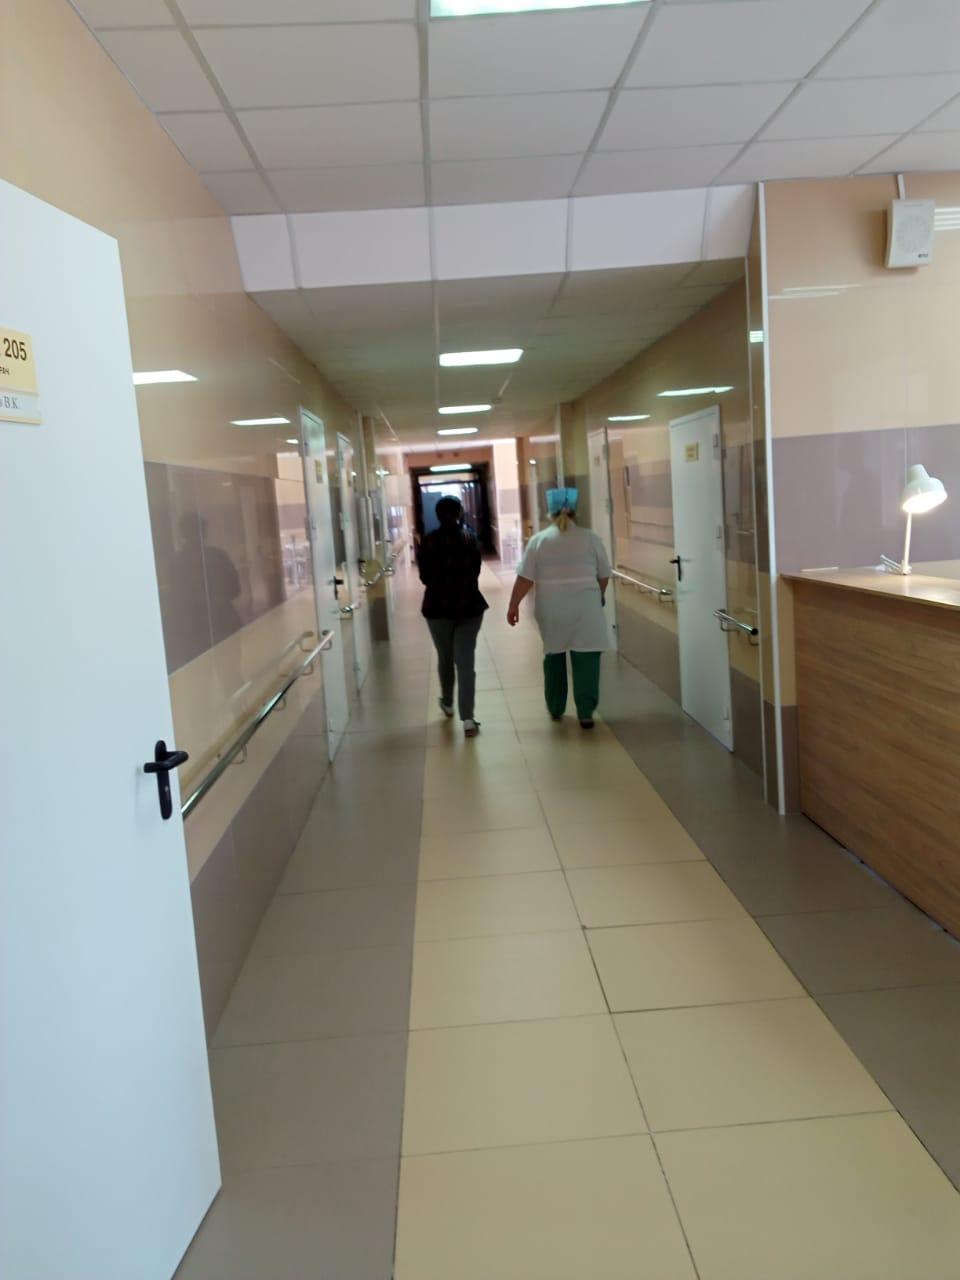 Ярославские больницы продолжают возвращаться к доковидному режиму работы